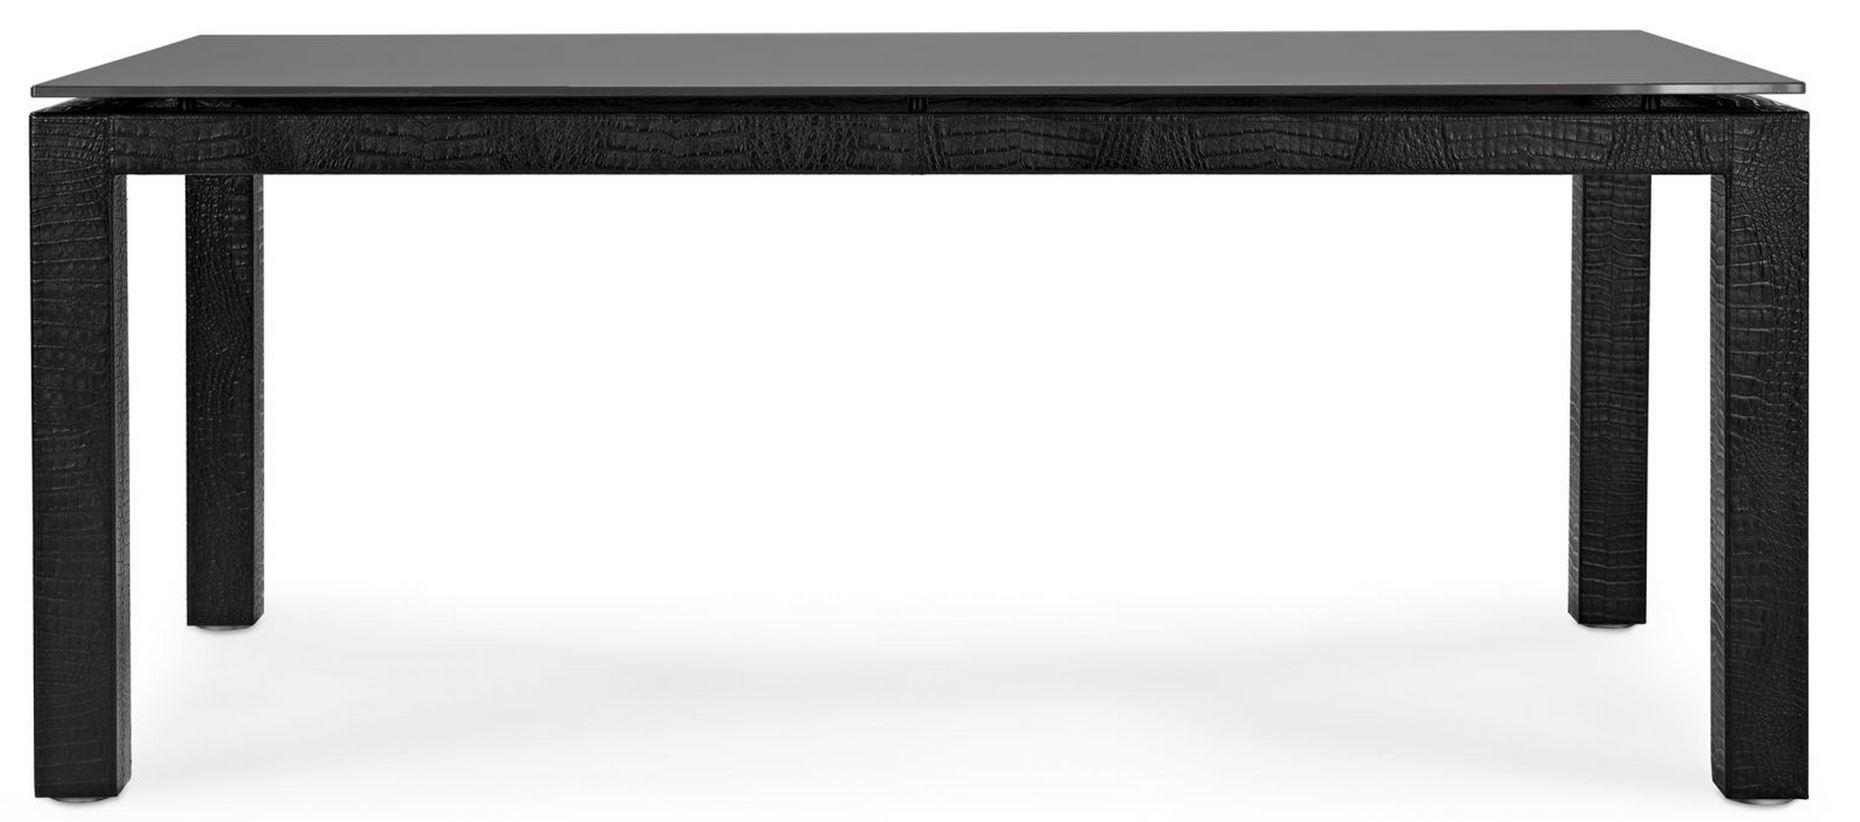 DSK 804 Modern Office Desks